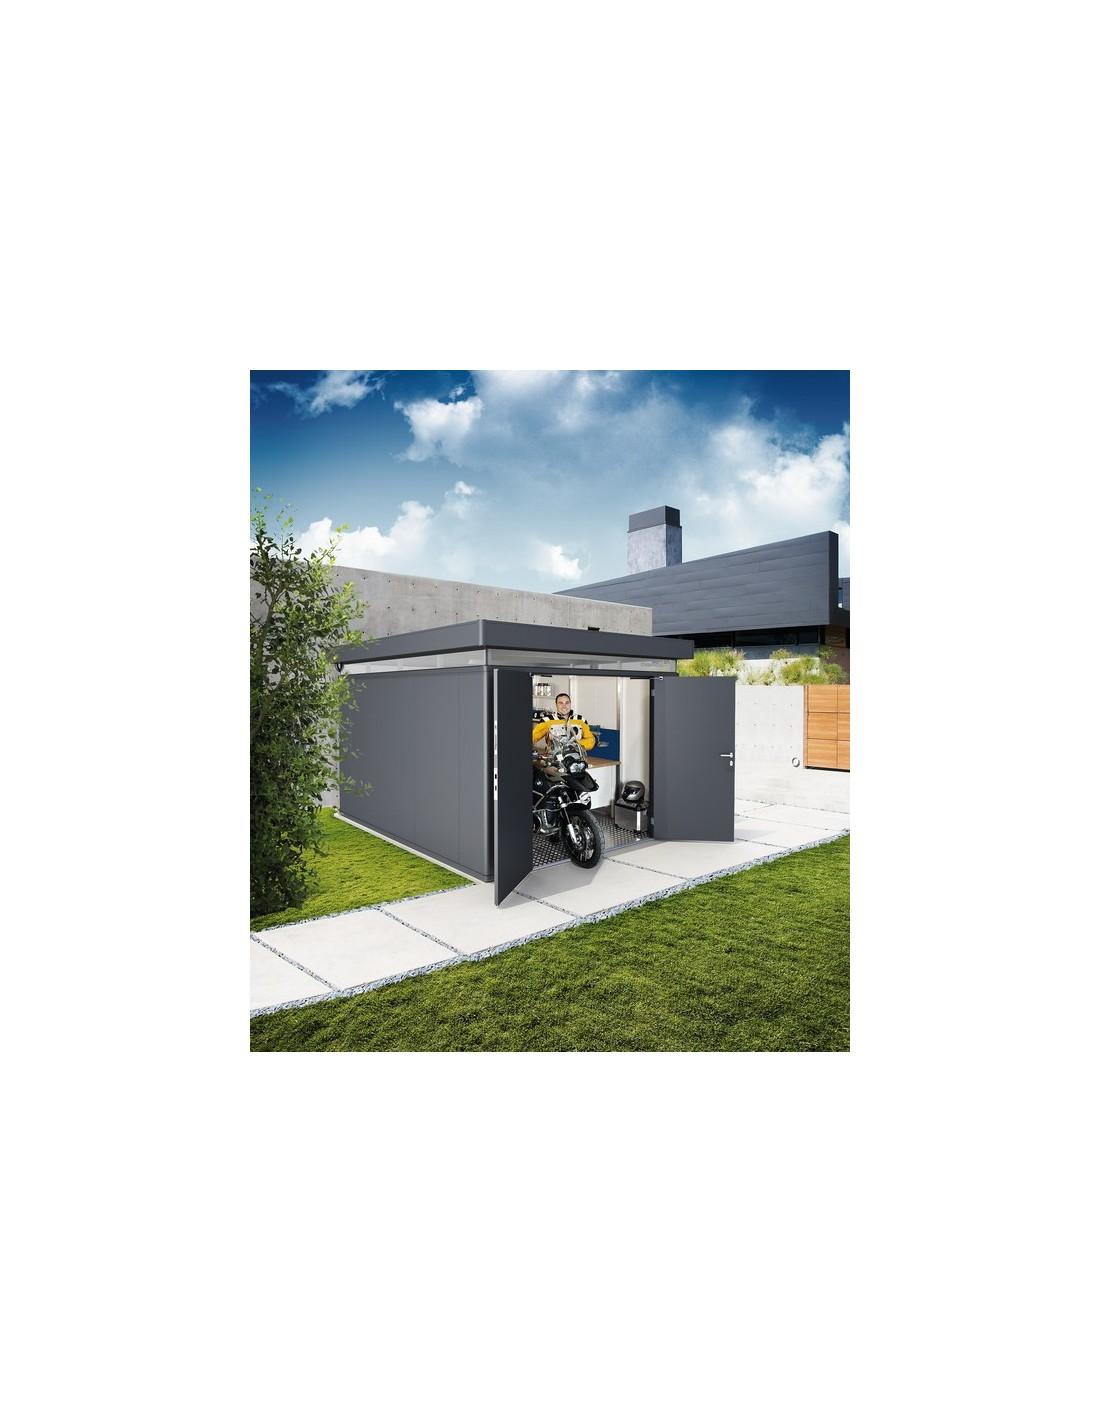 Abri casanova isol largeur 3m biohort simple ou double for Porte de garage 3m de large